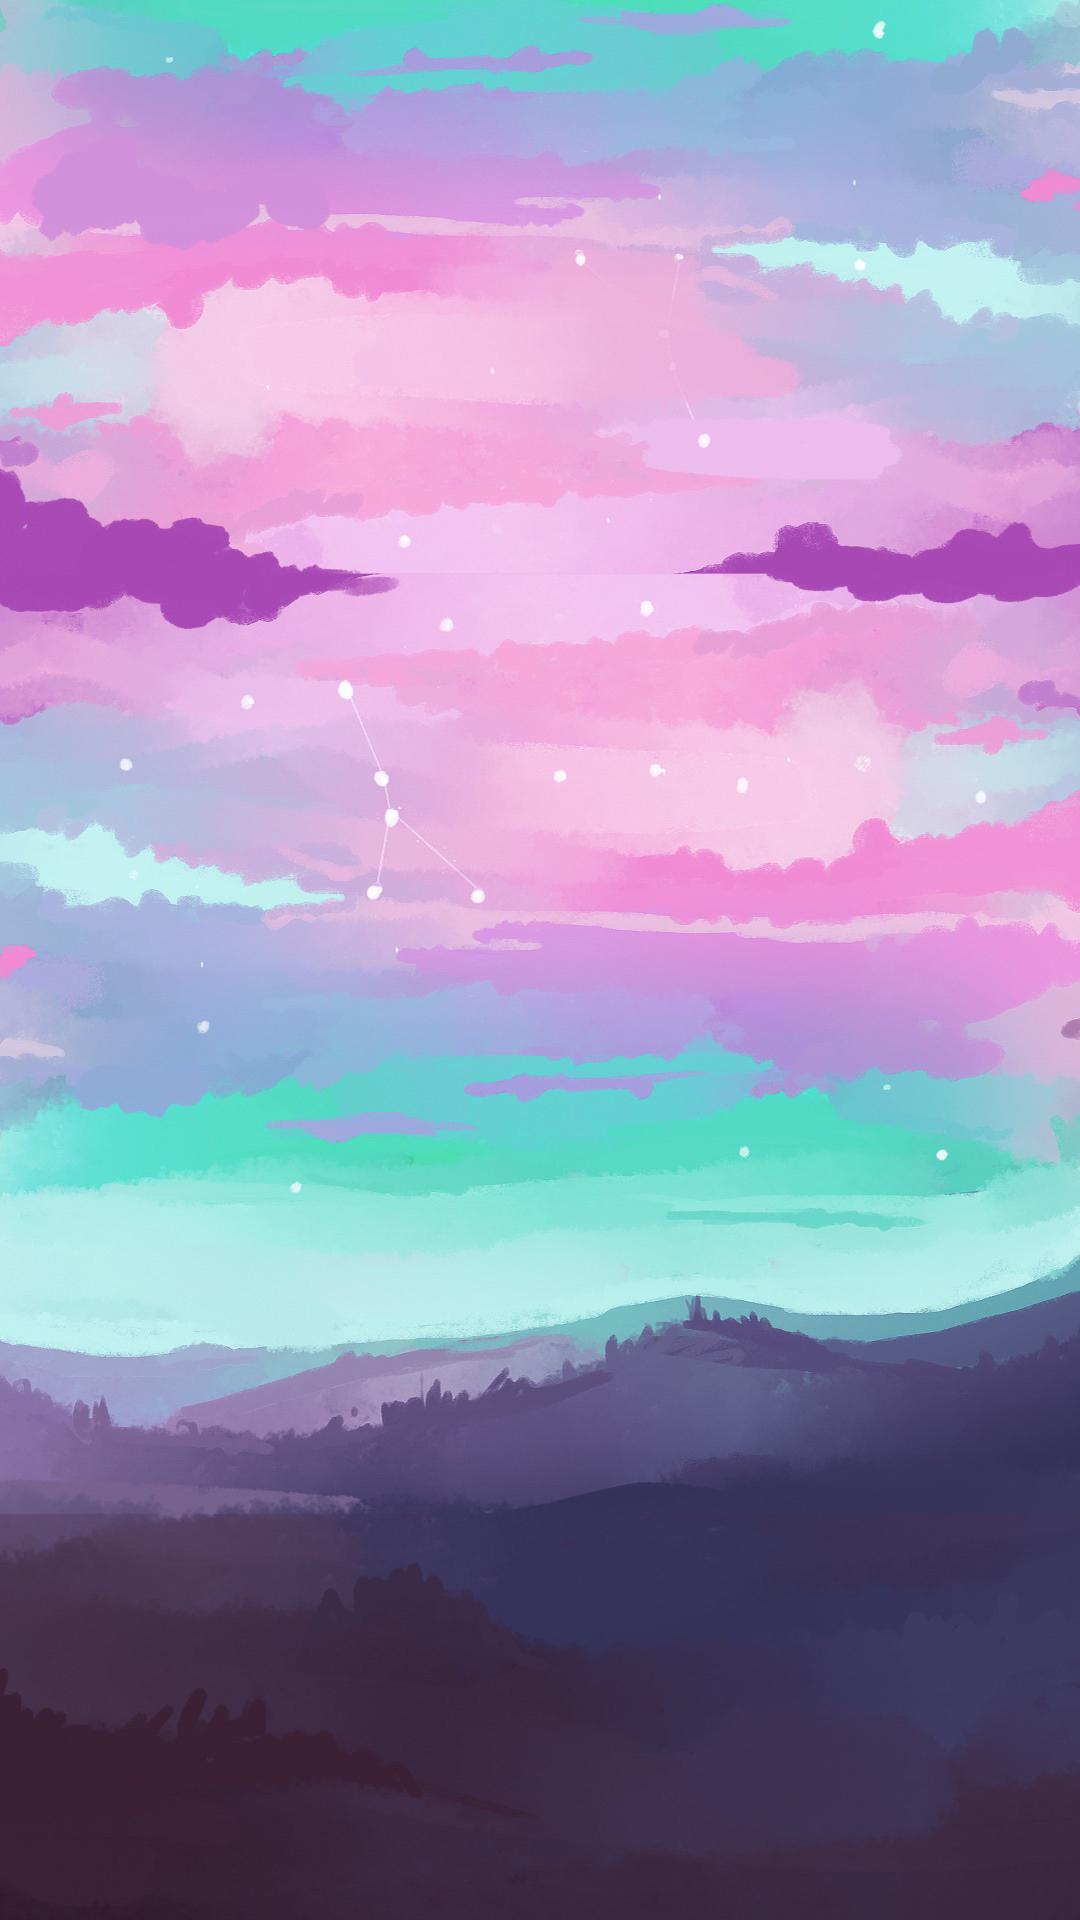 手绘 色彩 云彩 山